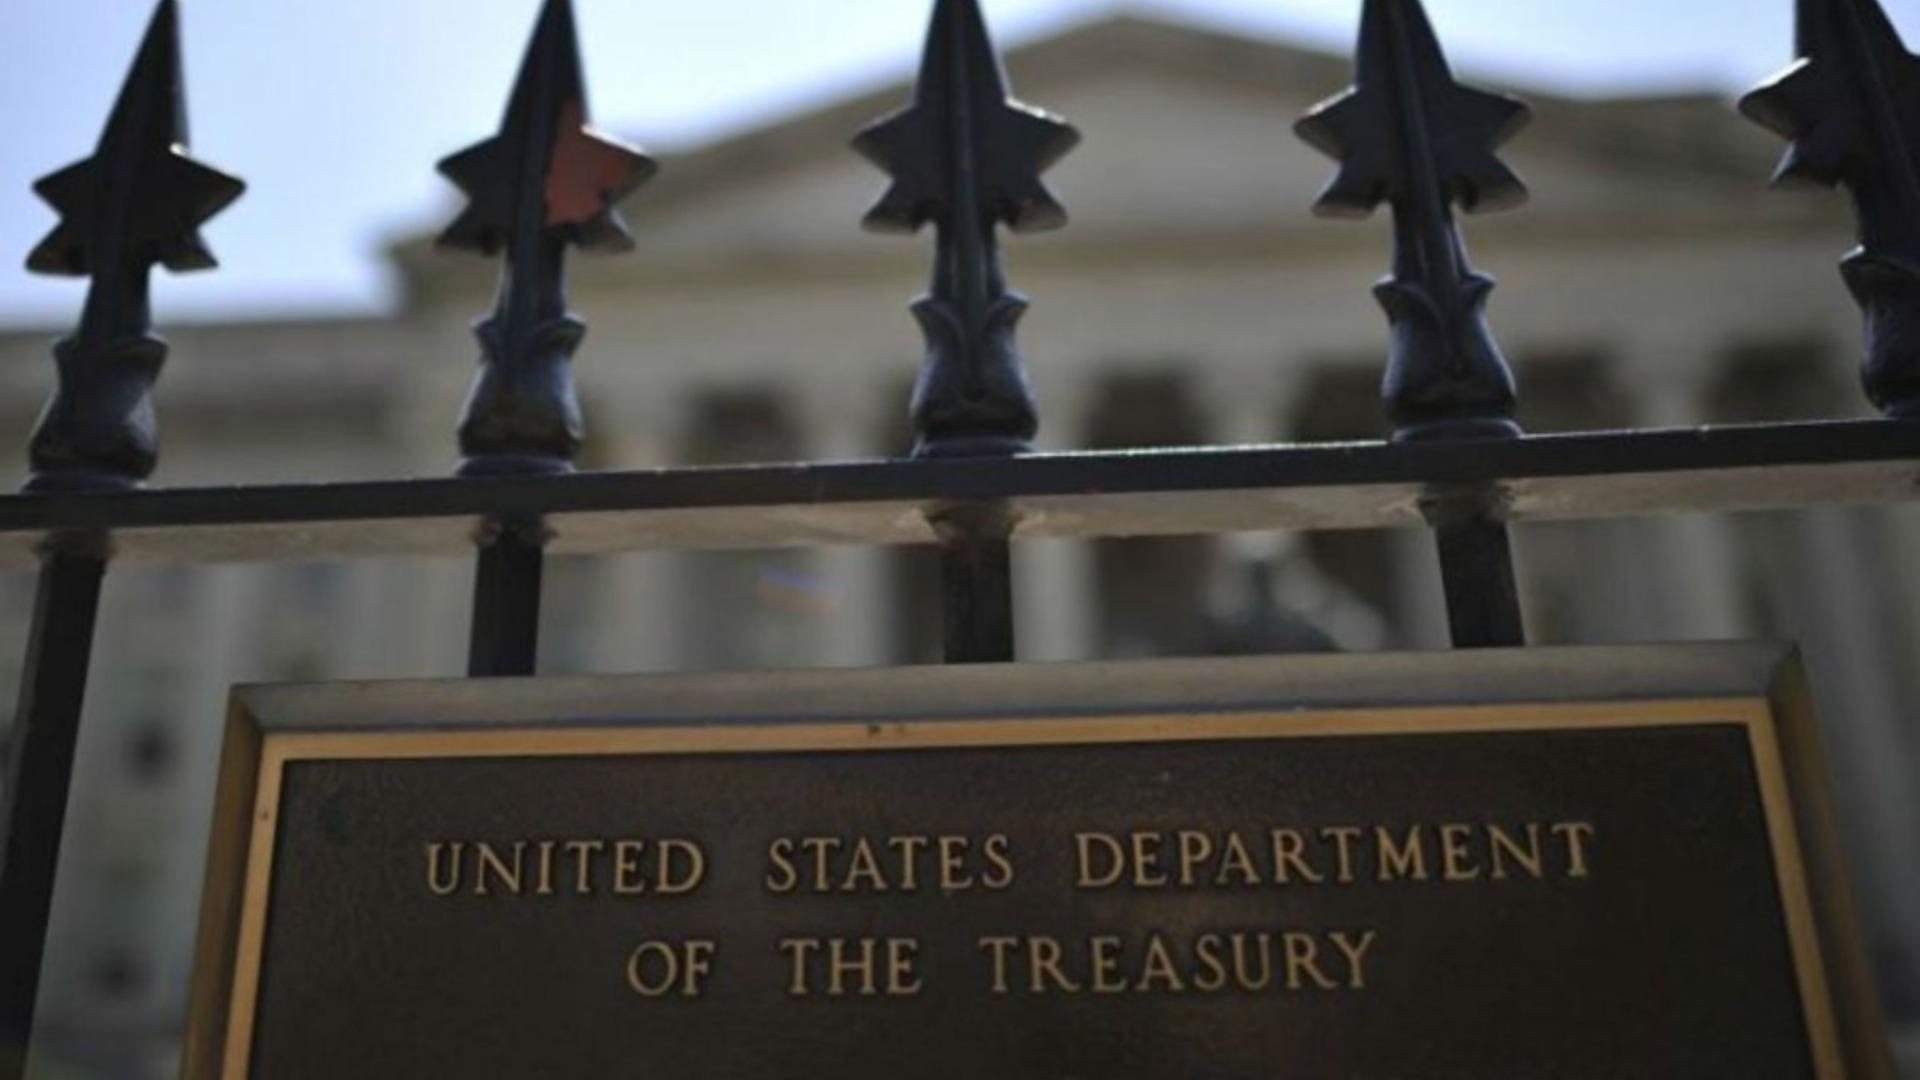 Visa y MasterCard podrán operar con los bancos públicos